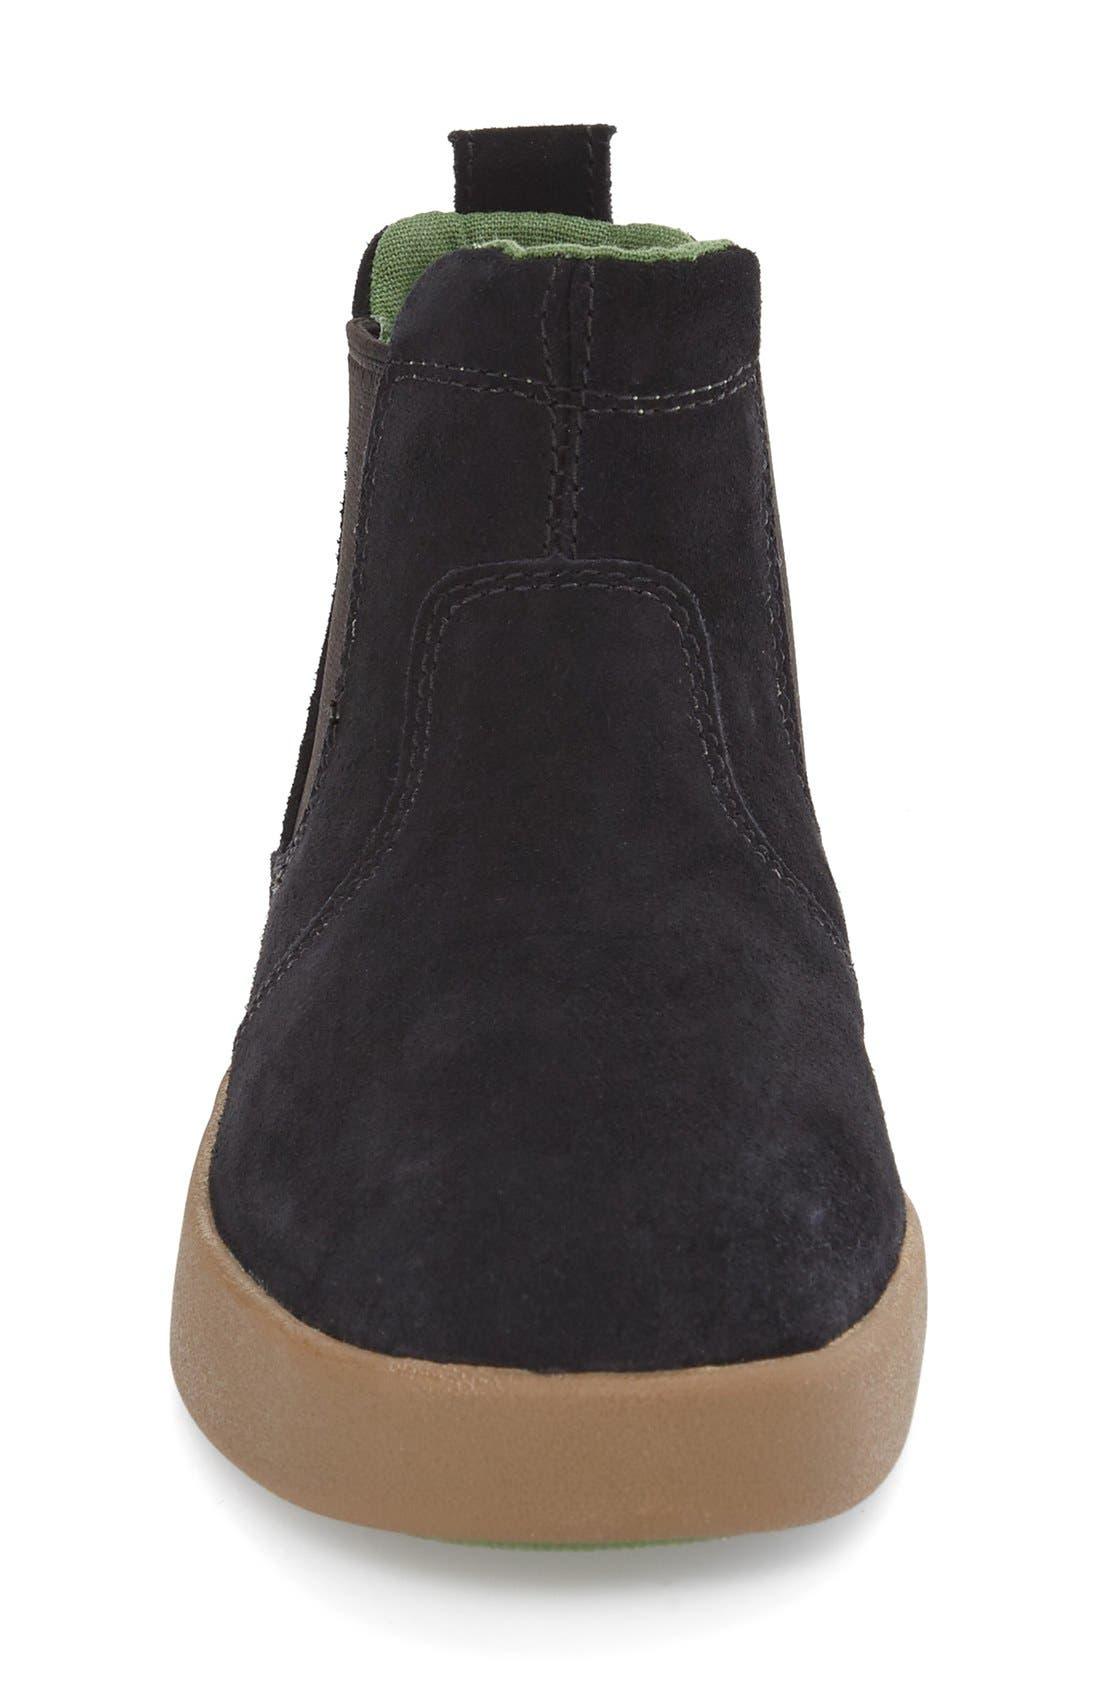 Hamden Sneaker,                             Alternate thumbnail 3, color,                             001